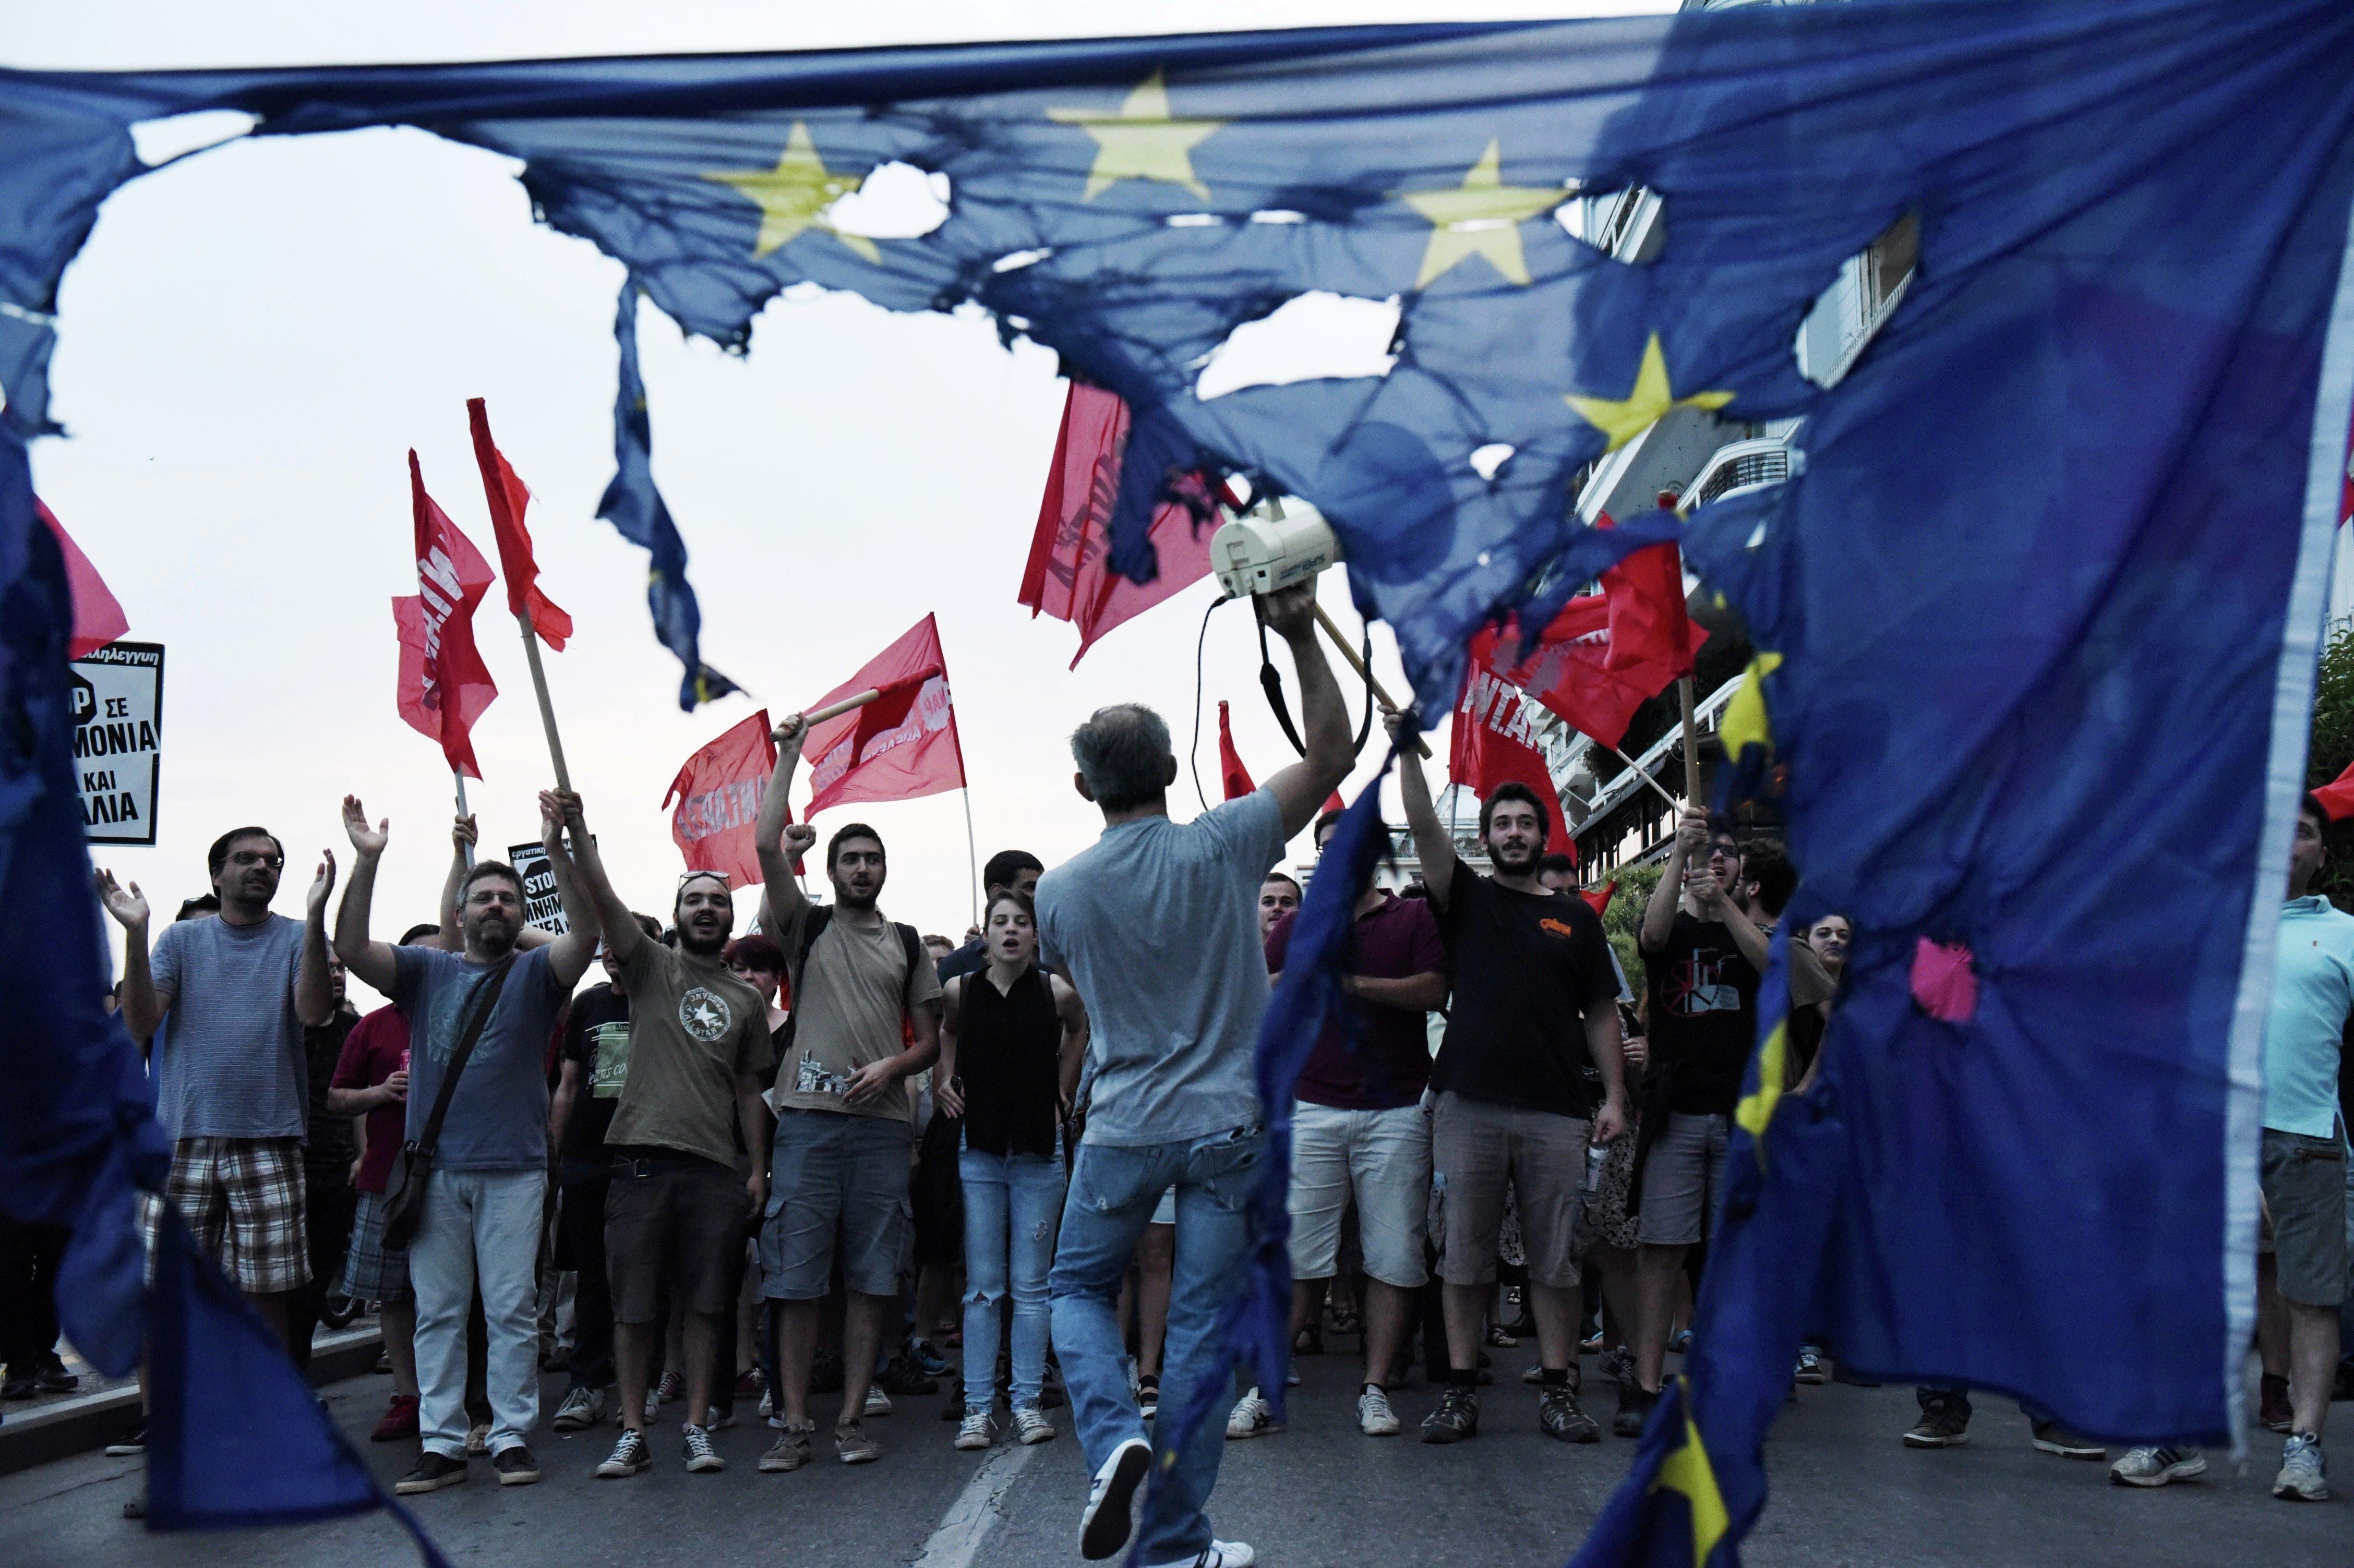 متظاهرون يونانيون يمزقون علم الإتحاد الأوروبي خلال مسيرة إحتجاجية